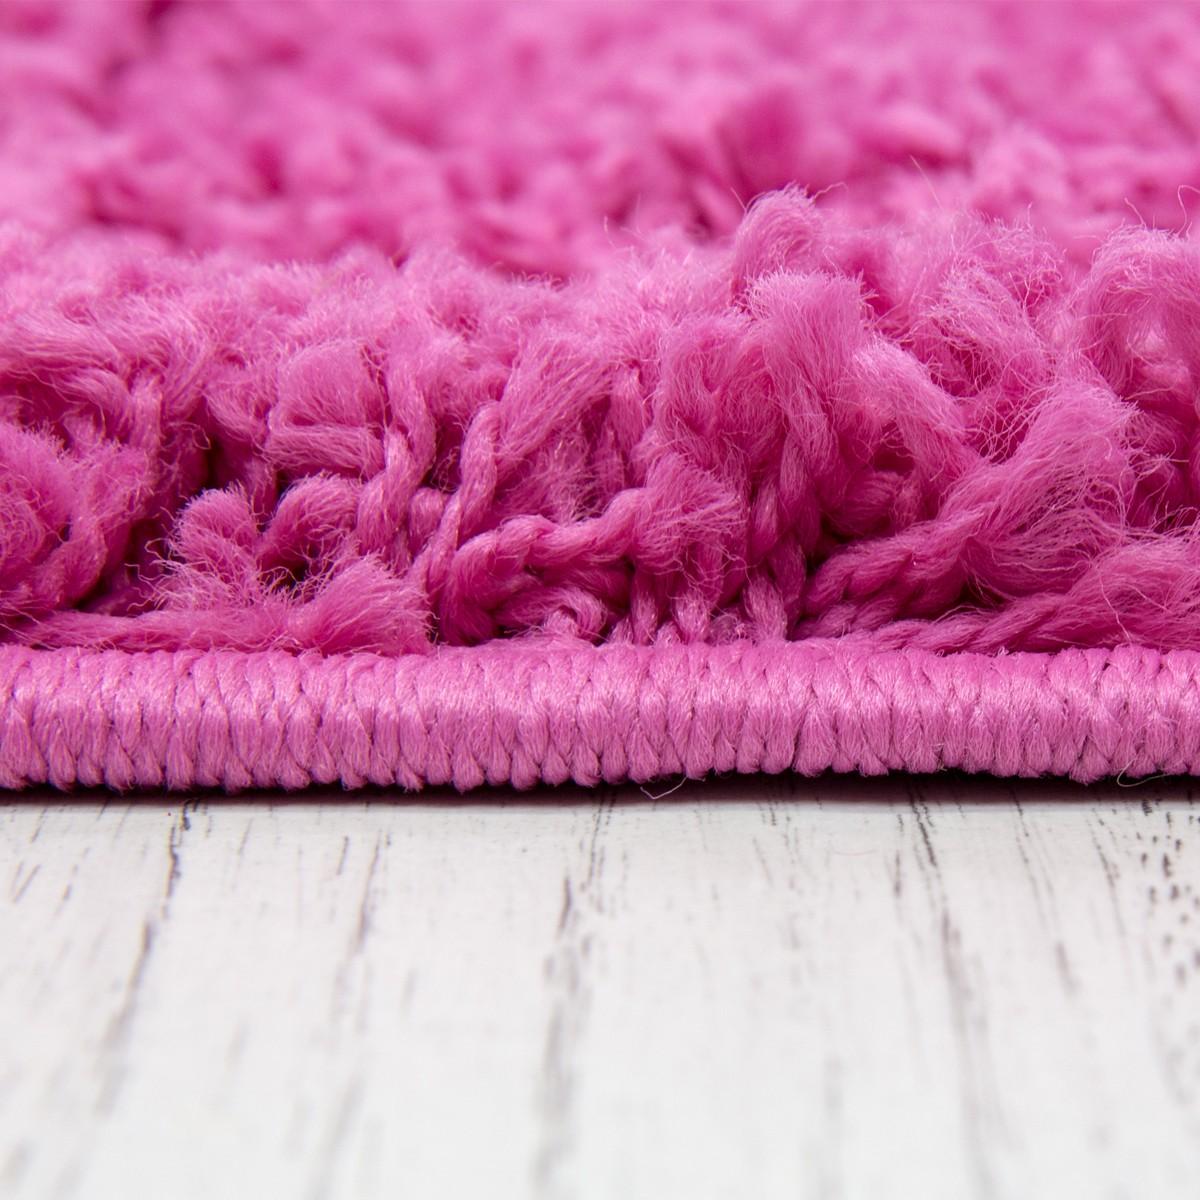 Shaggy Teppich Hochflor Langflor Teppiche Wohnzimmer: Teppich Hochflor Shaggy Teppiche Langflor Pink Wohnzimmer